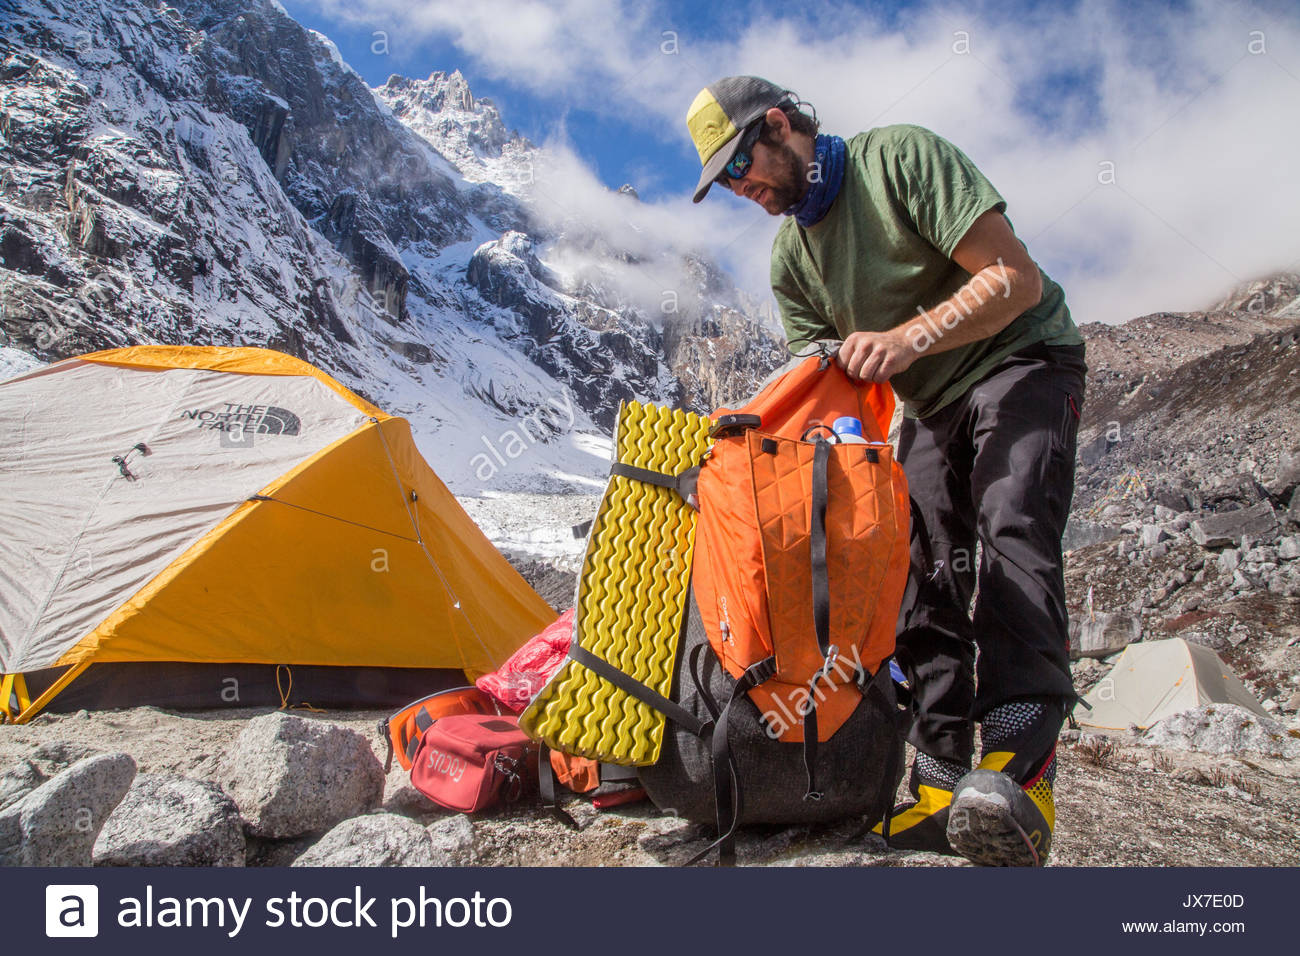 Un membre de l'expédition commence à pack équipement dans son sac à dos. Photo Stock